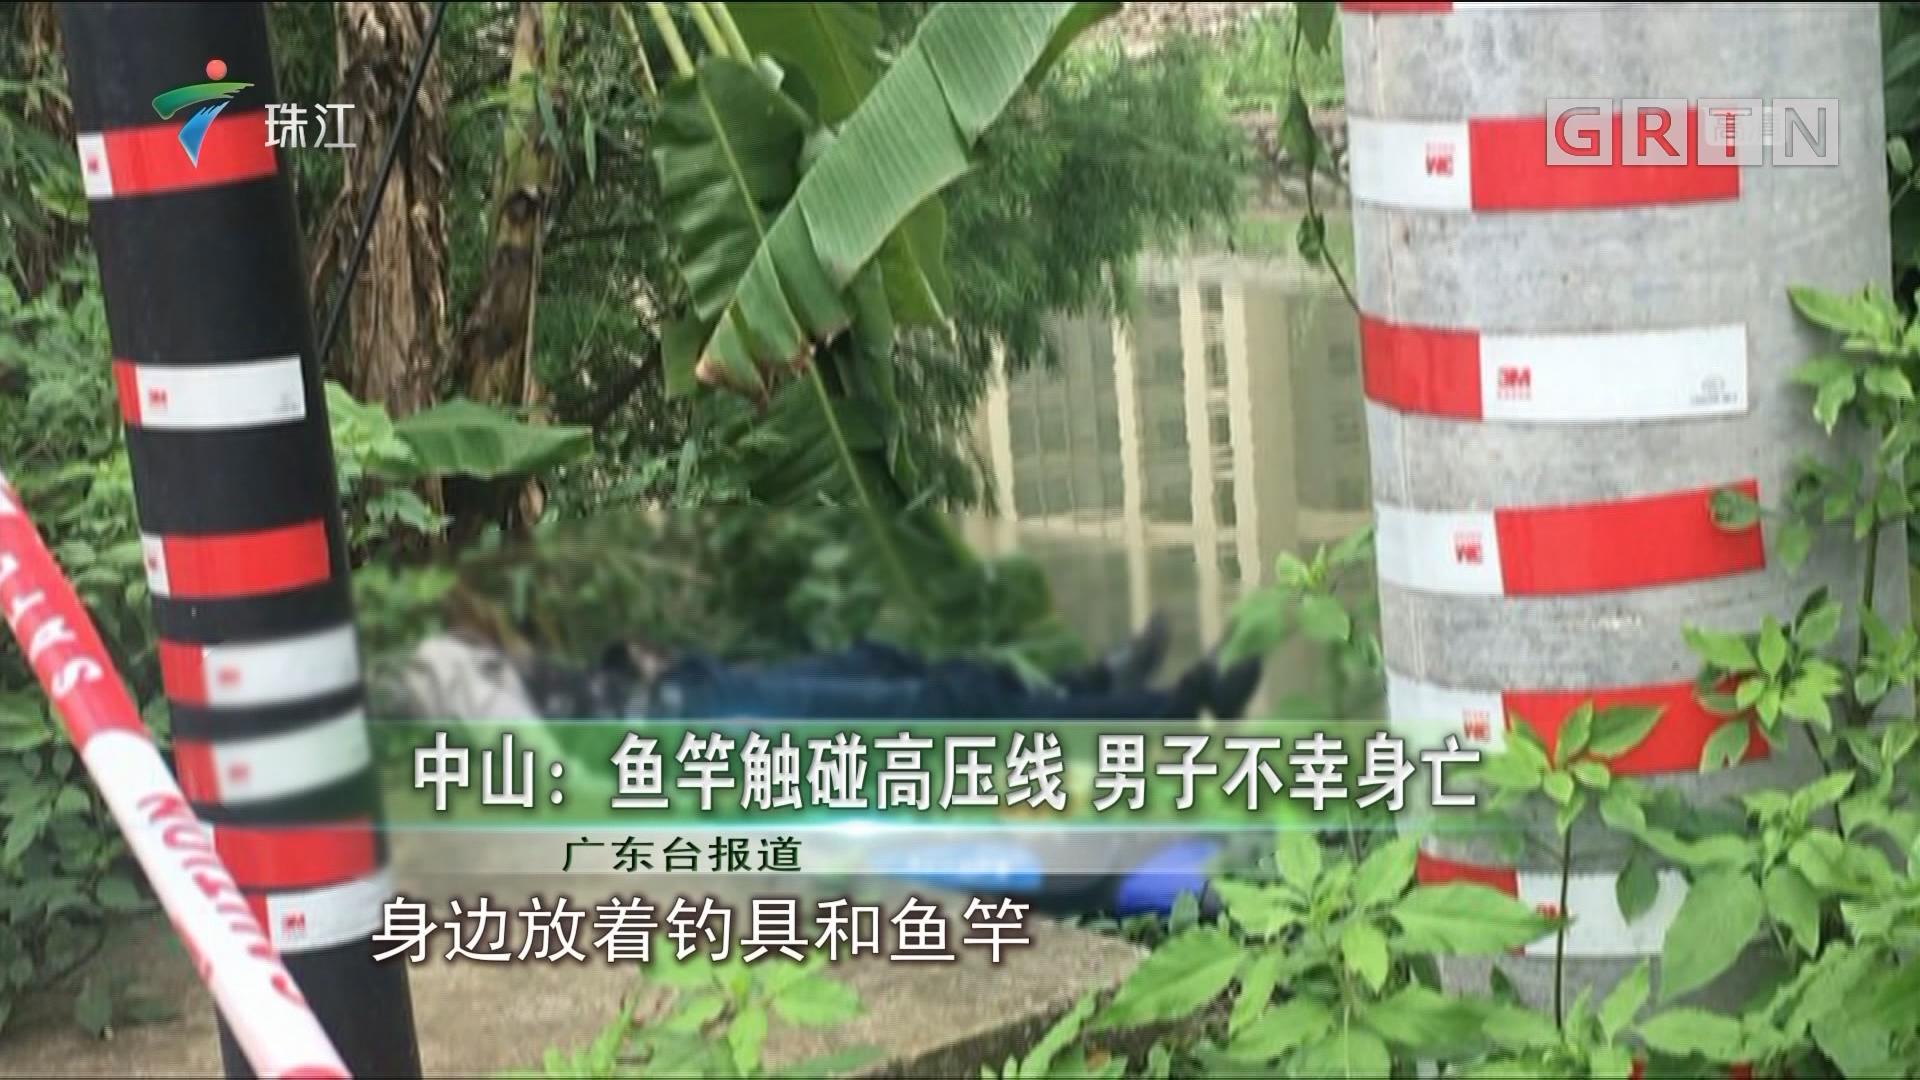 中山:鱼竿触碰高压线 男子不幸身亡